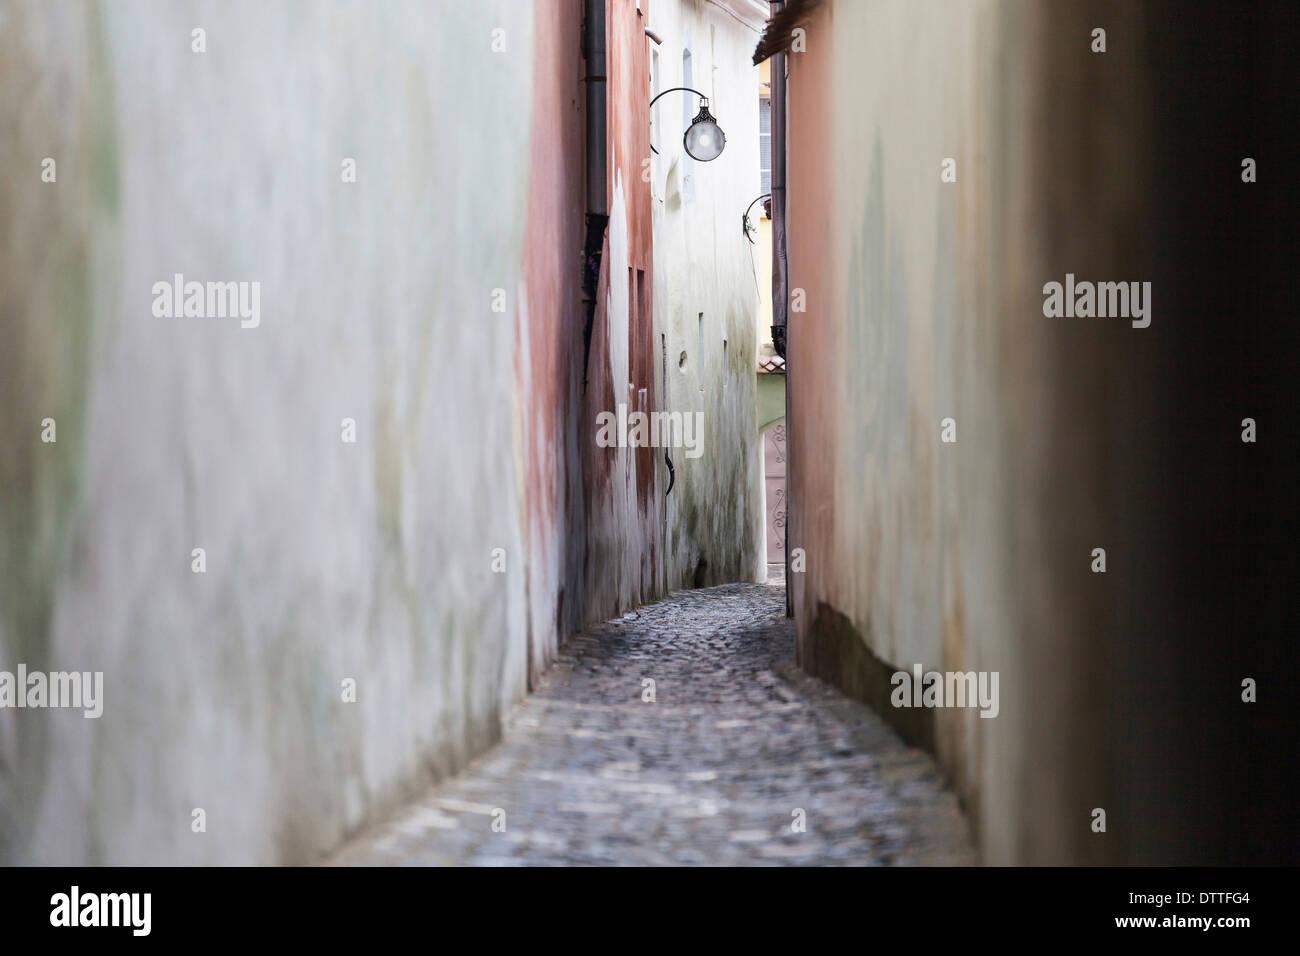 Farolas colgando en el callejón Imagen De Stock